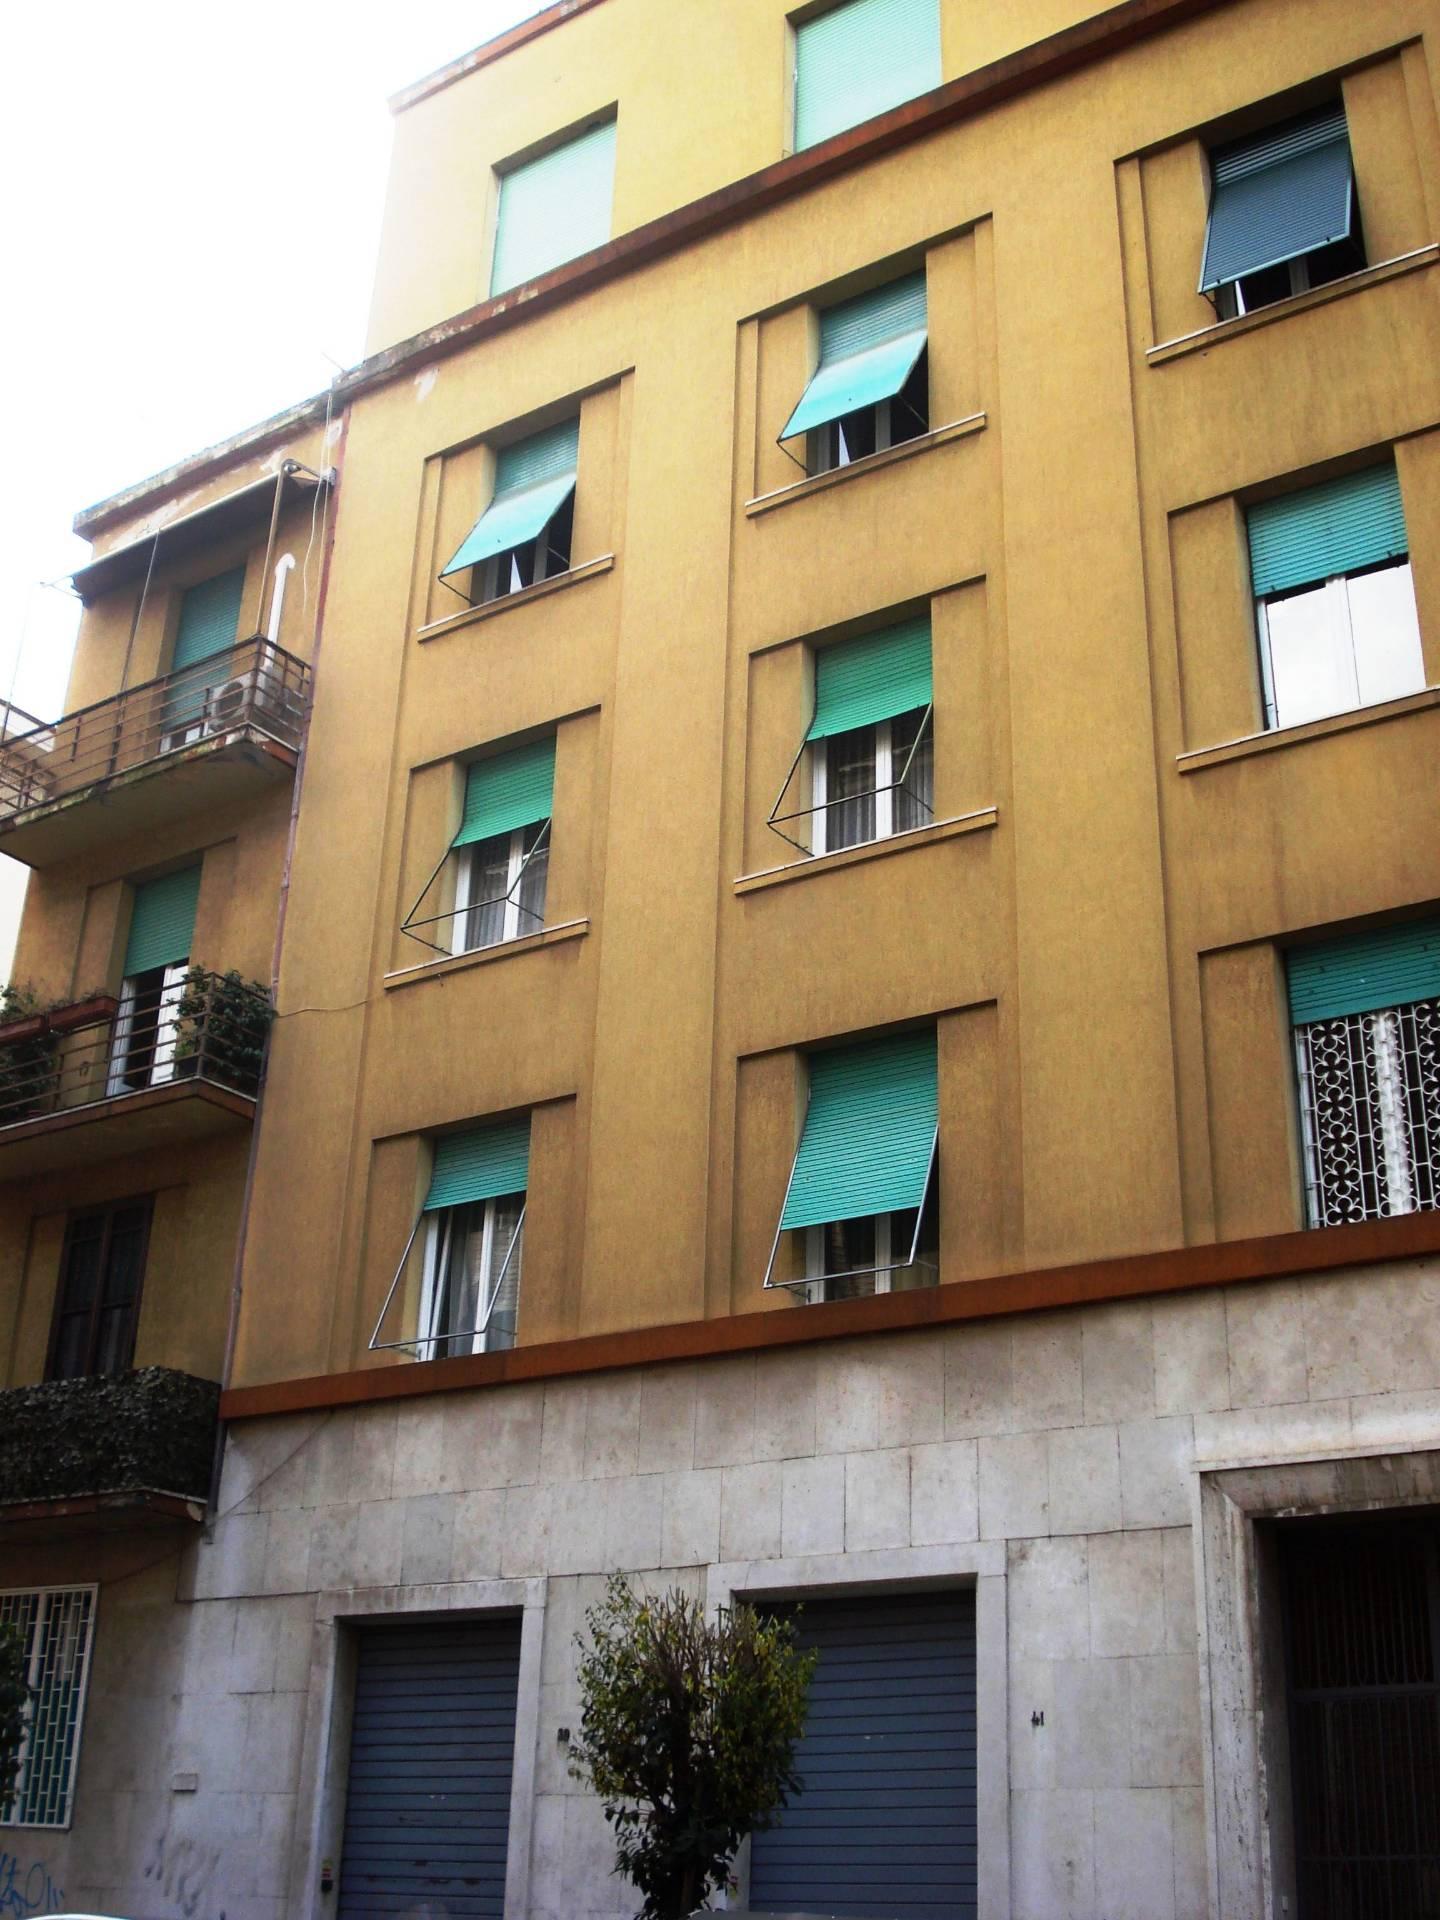 Negozi locali in vendita a roma annunci immobiliari for Vendita locali roma